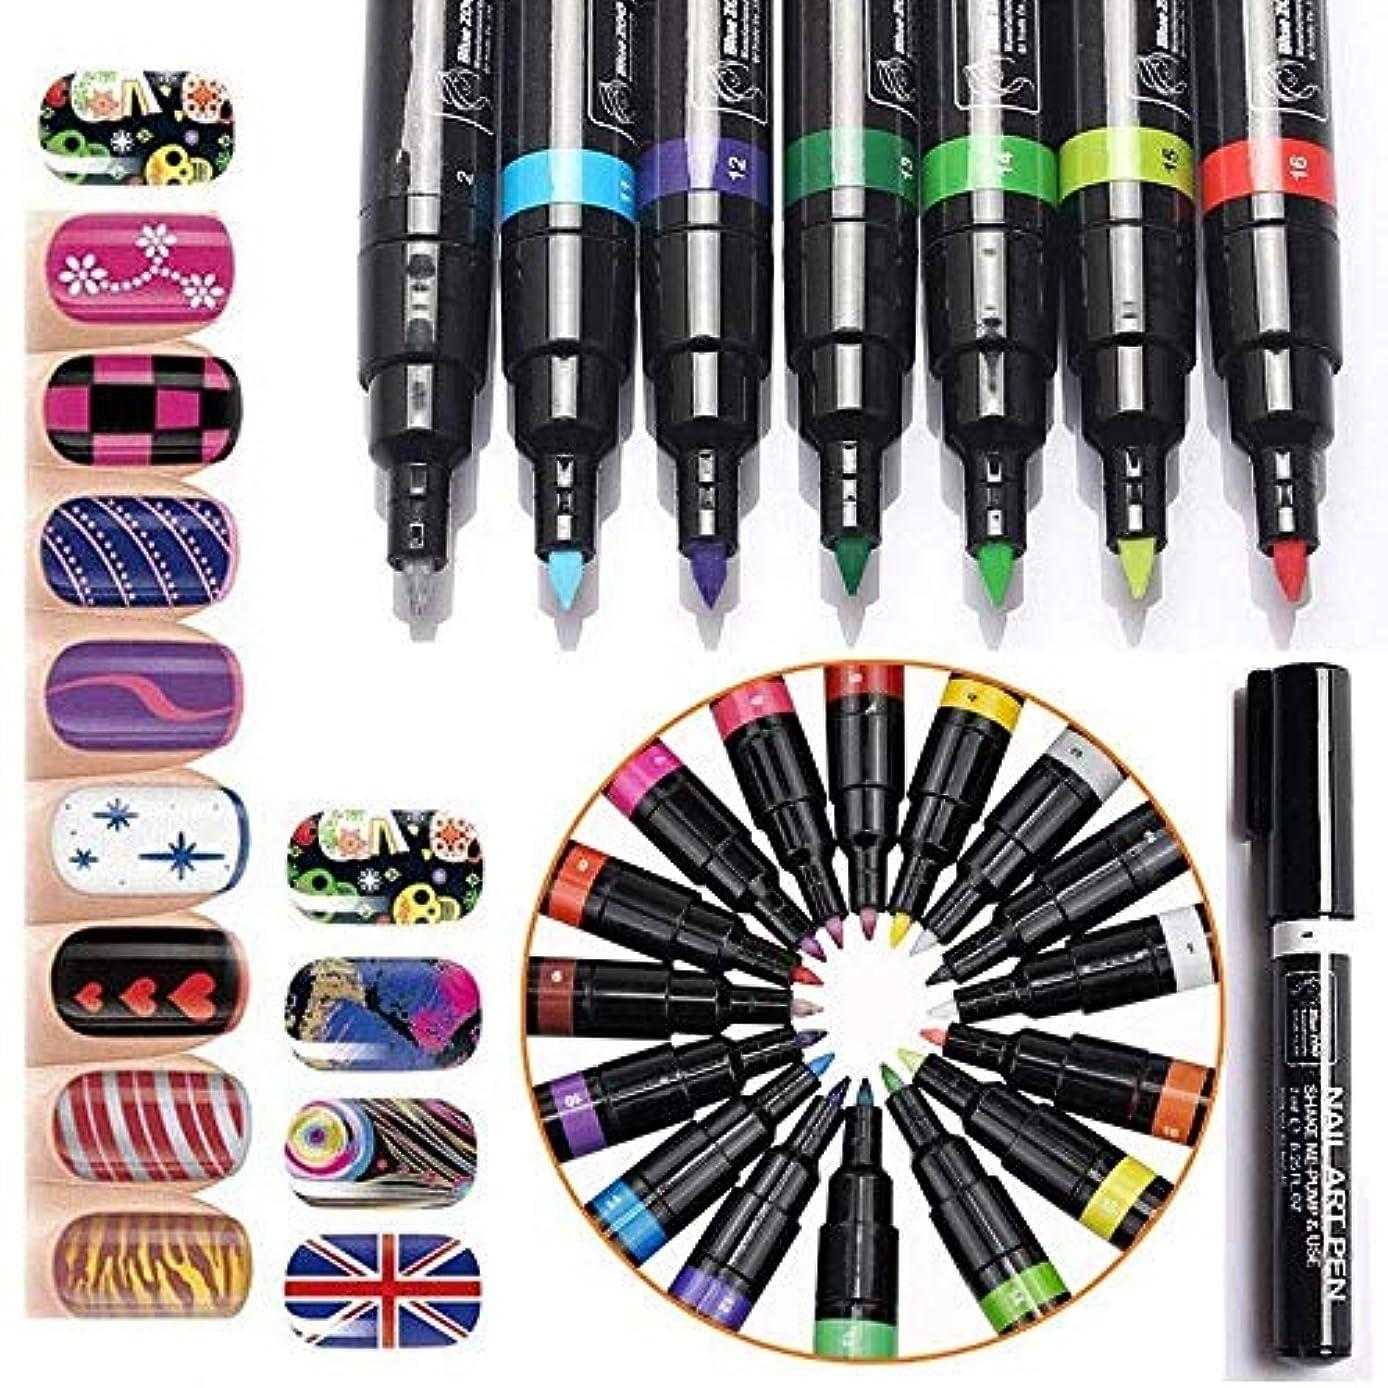 腸日焼けビバカラー ネイルアートペン 3Dネイルペン ネイルアートペン ネイルマニキュア液 ペイントペン ペイント DIY 16色 装飾図面ドットポリッシュペン セット